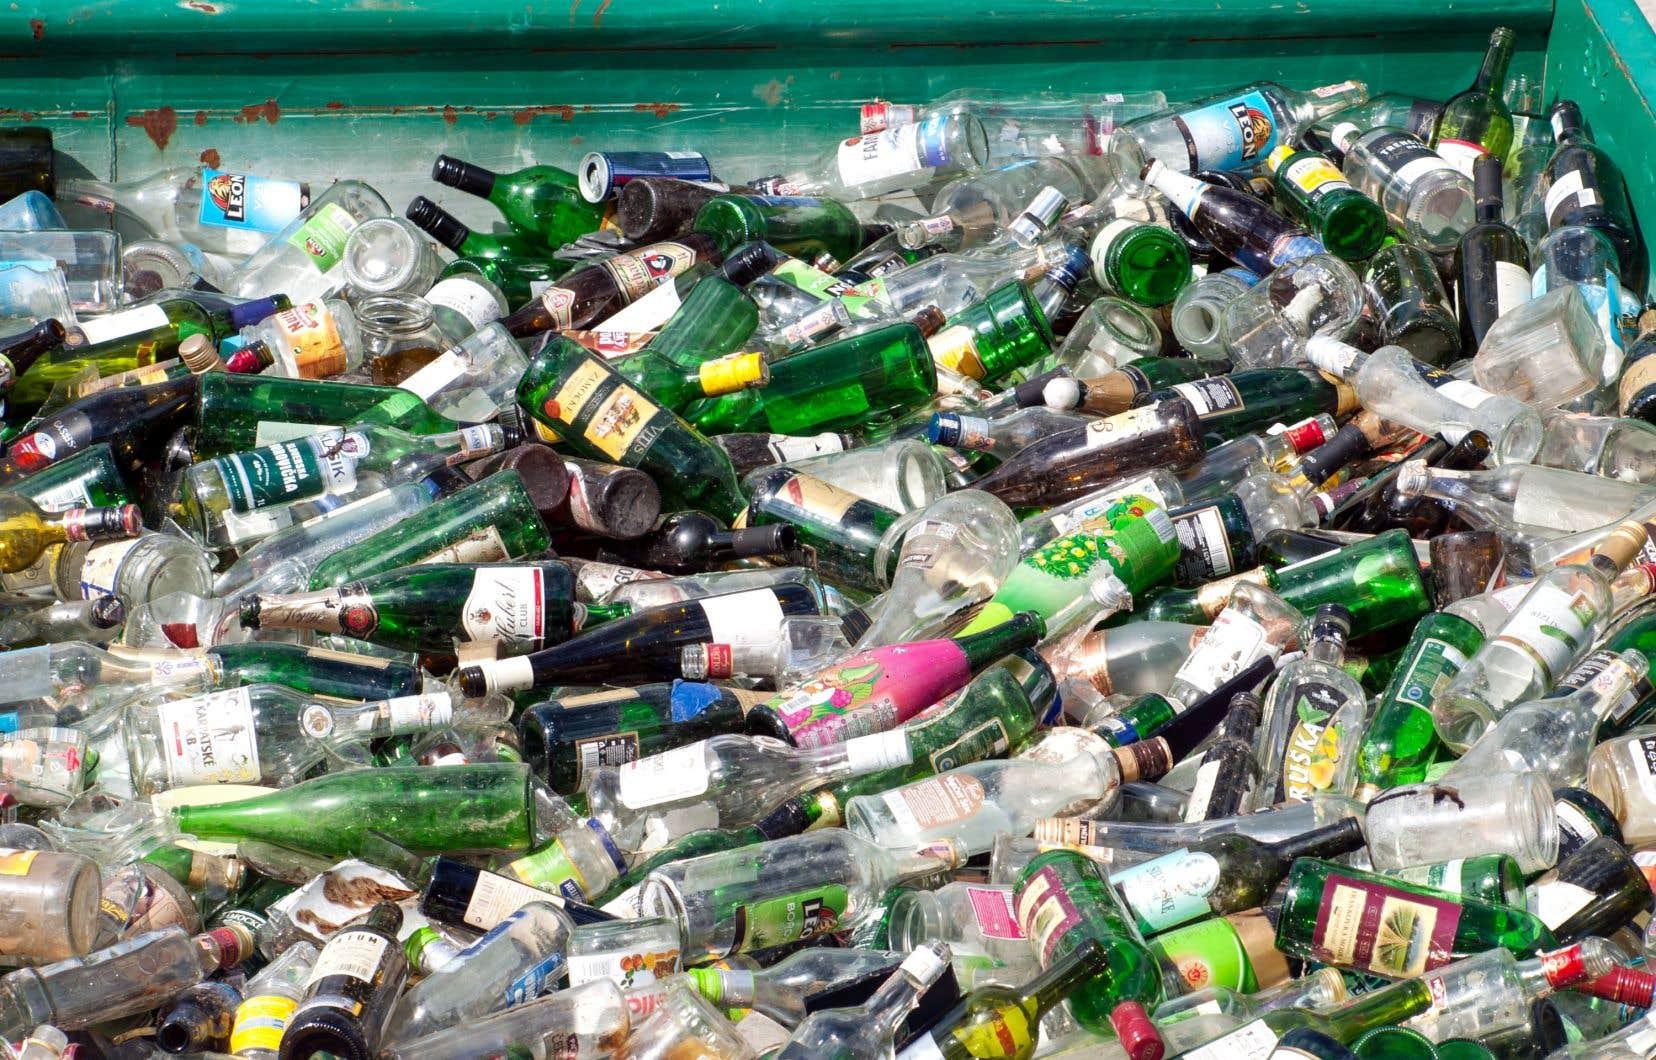 Le verre représente un volume considérable de nos matières résiduelles et devrait non seulement être revalorisé, mais bonifié.